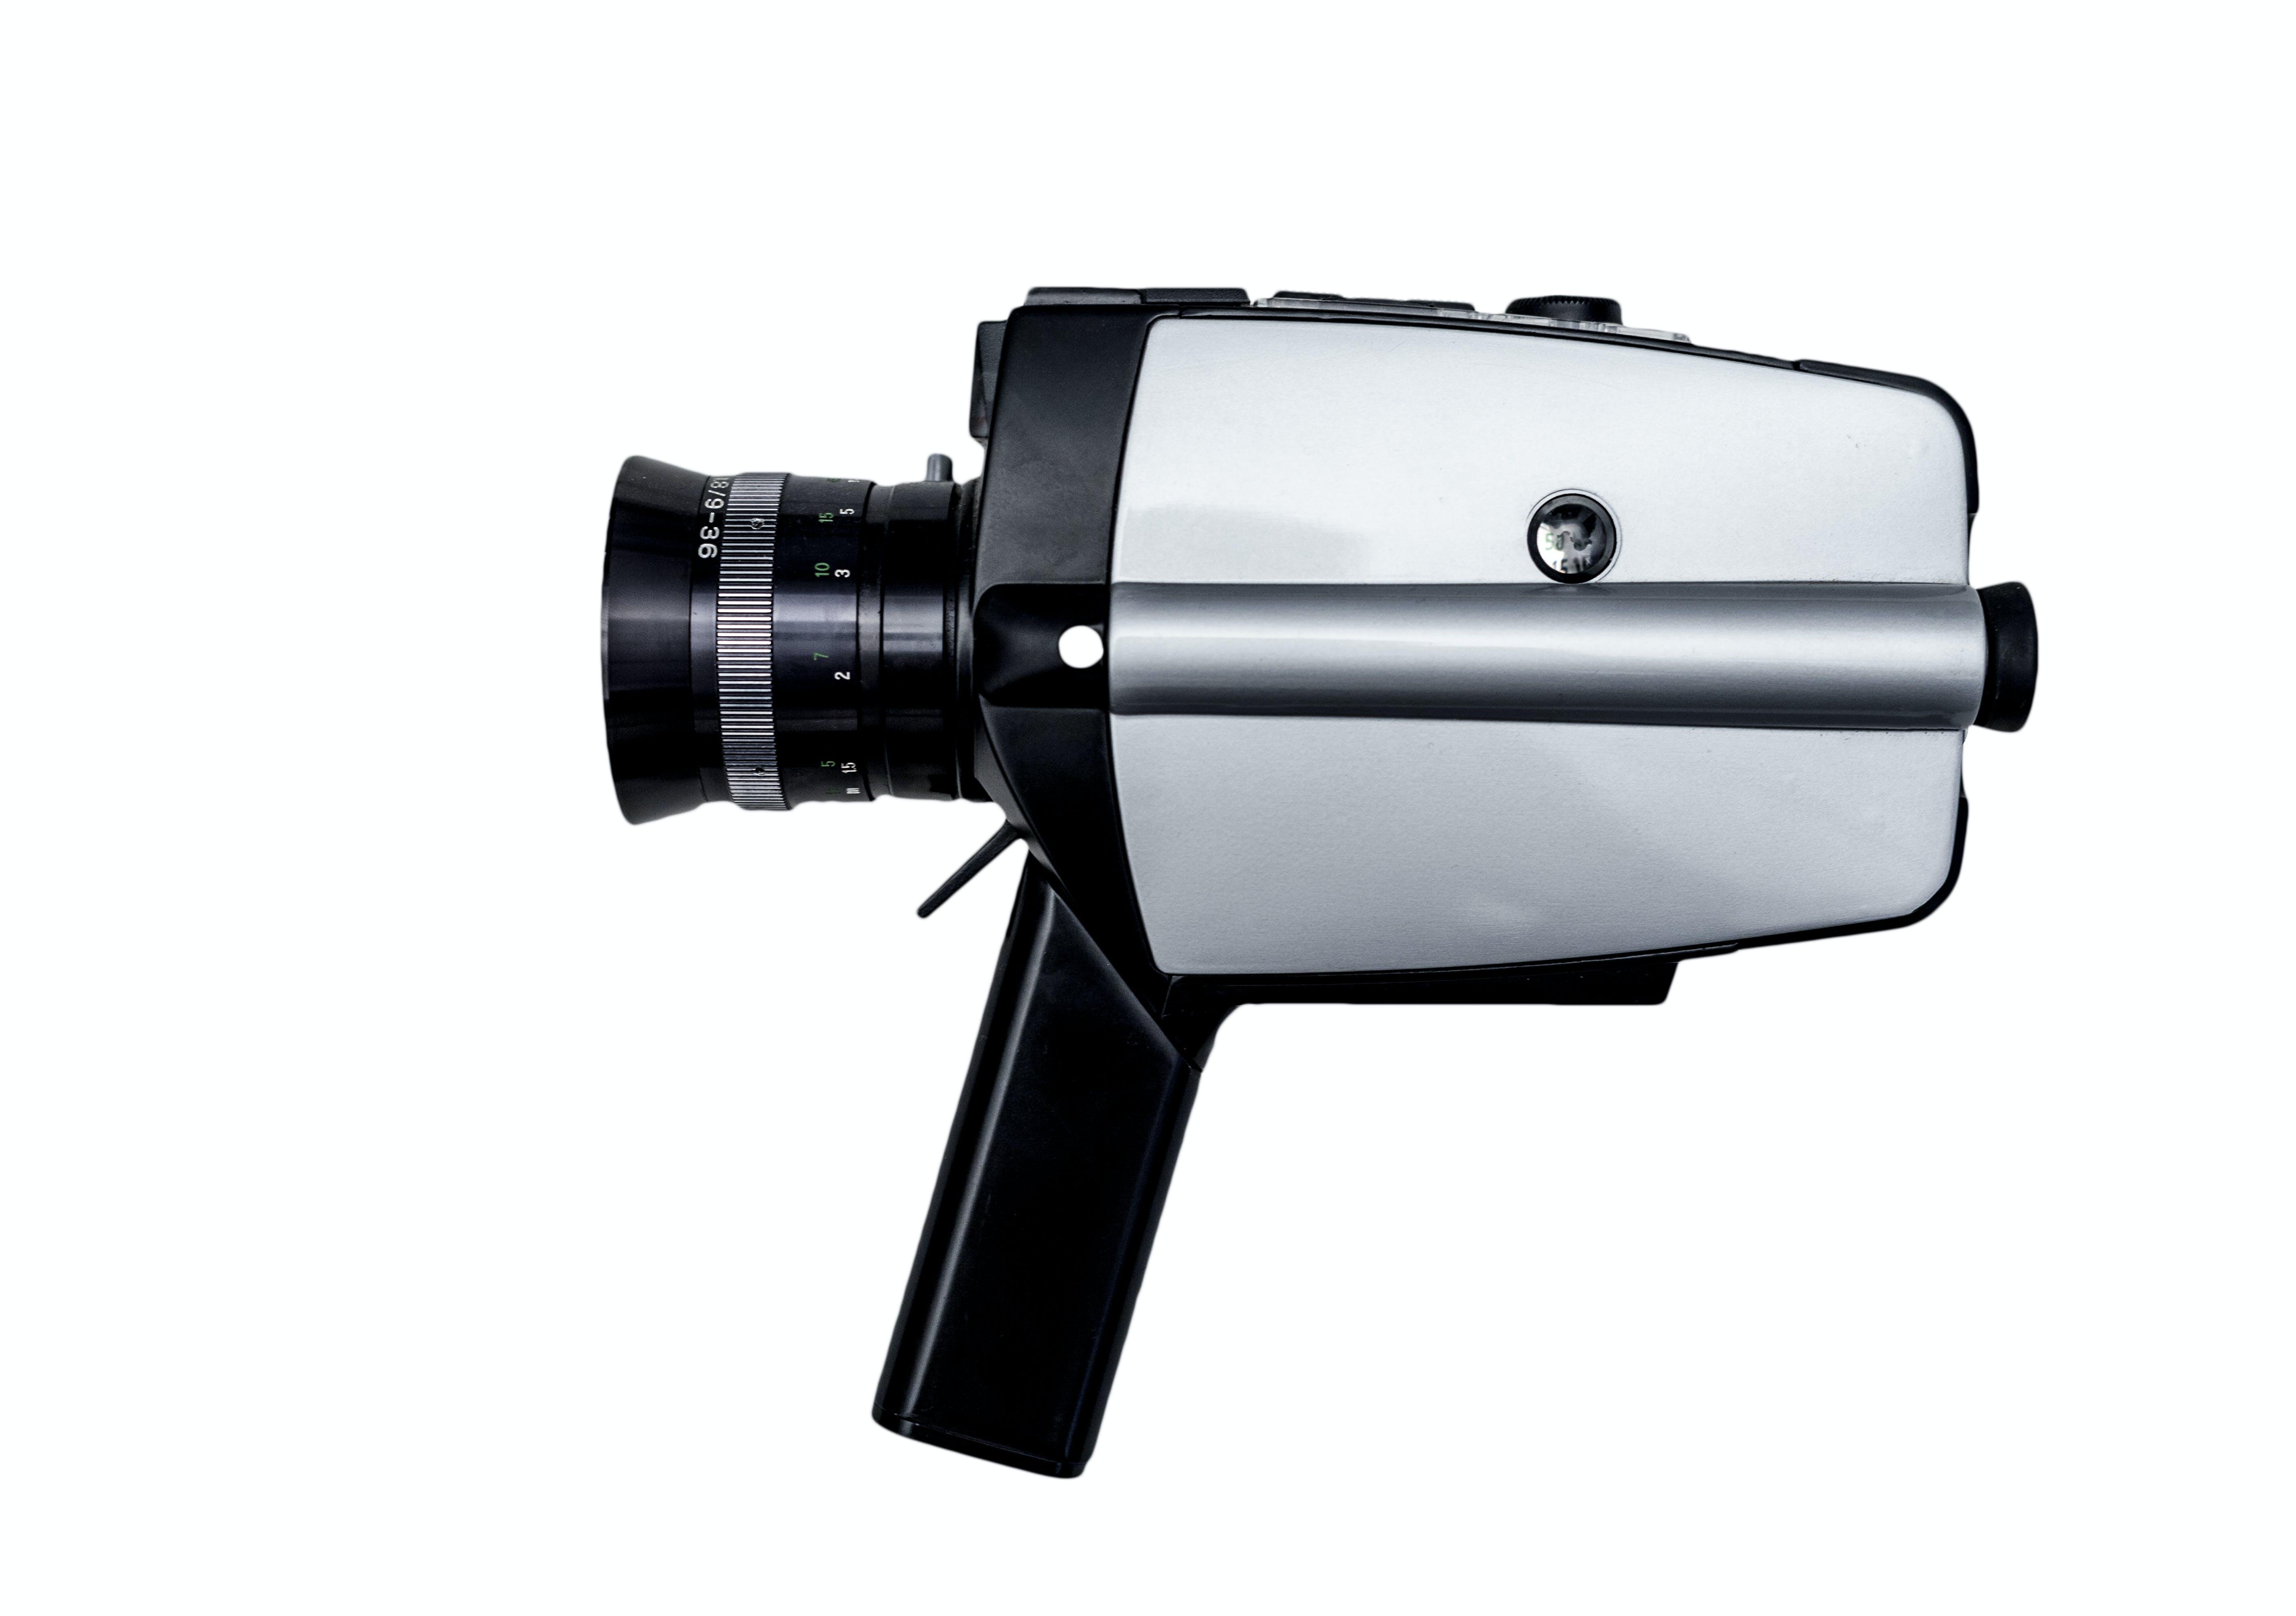 Gratis arkivbilde med 16mm, 35 mm, 8mm, analog